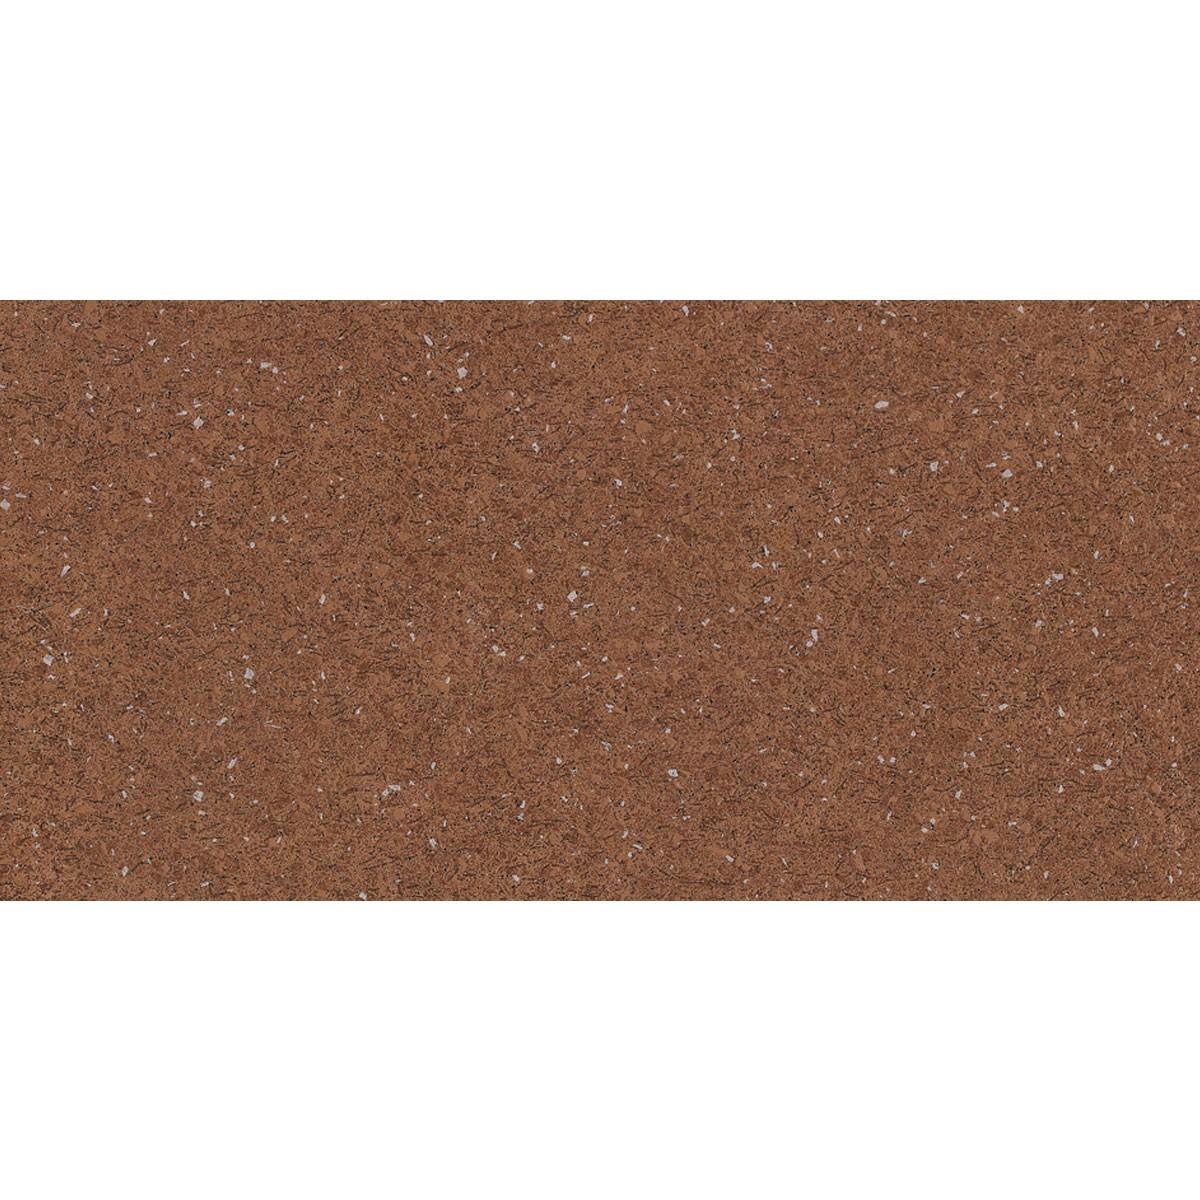 24 x 12 In. Brown Porcelain Floor Tile - 8 Pcs/Case (15.50 sq.ft/Case) (MS60C)